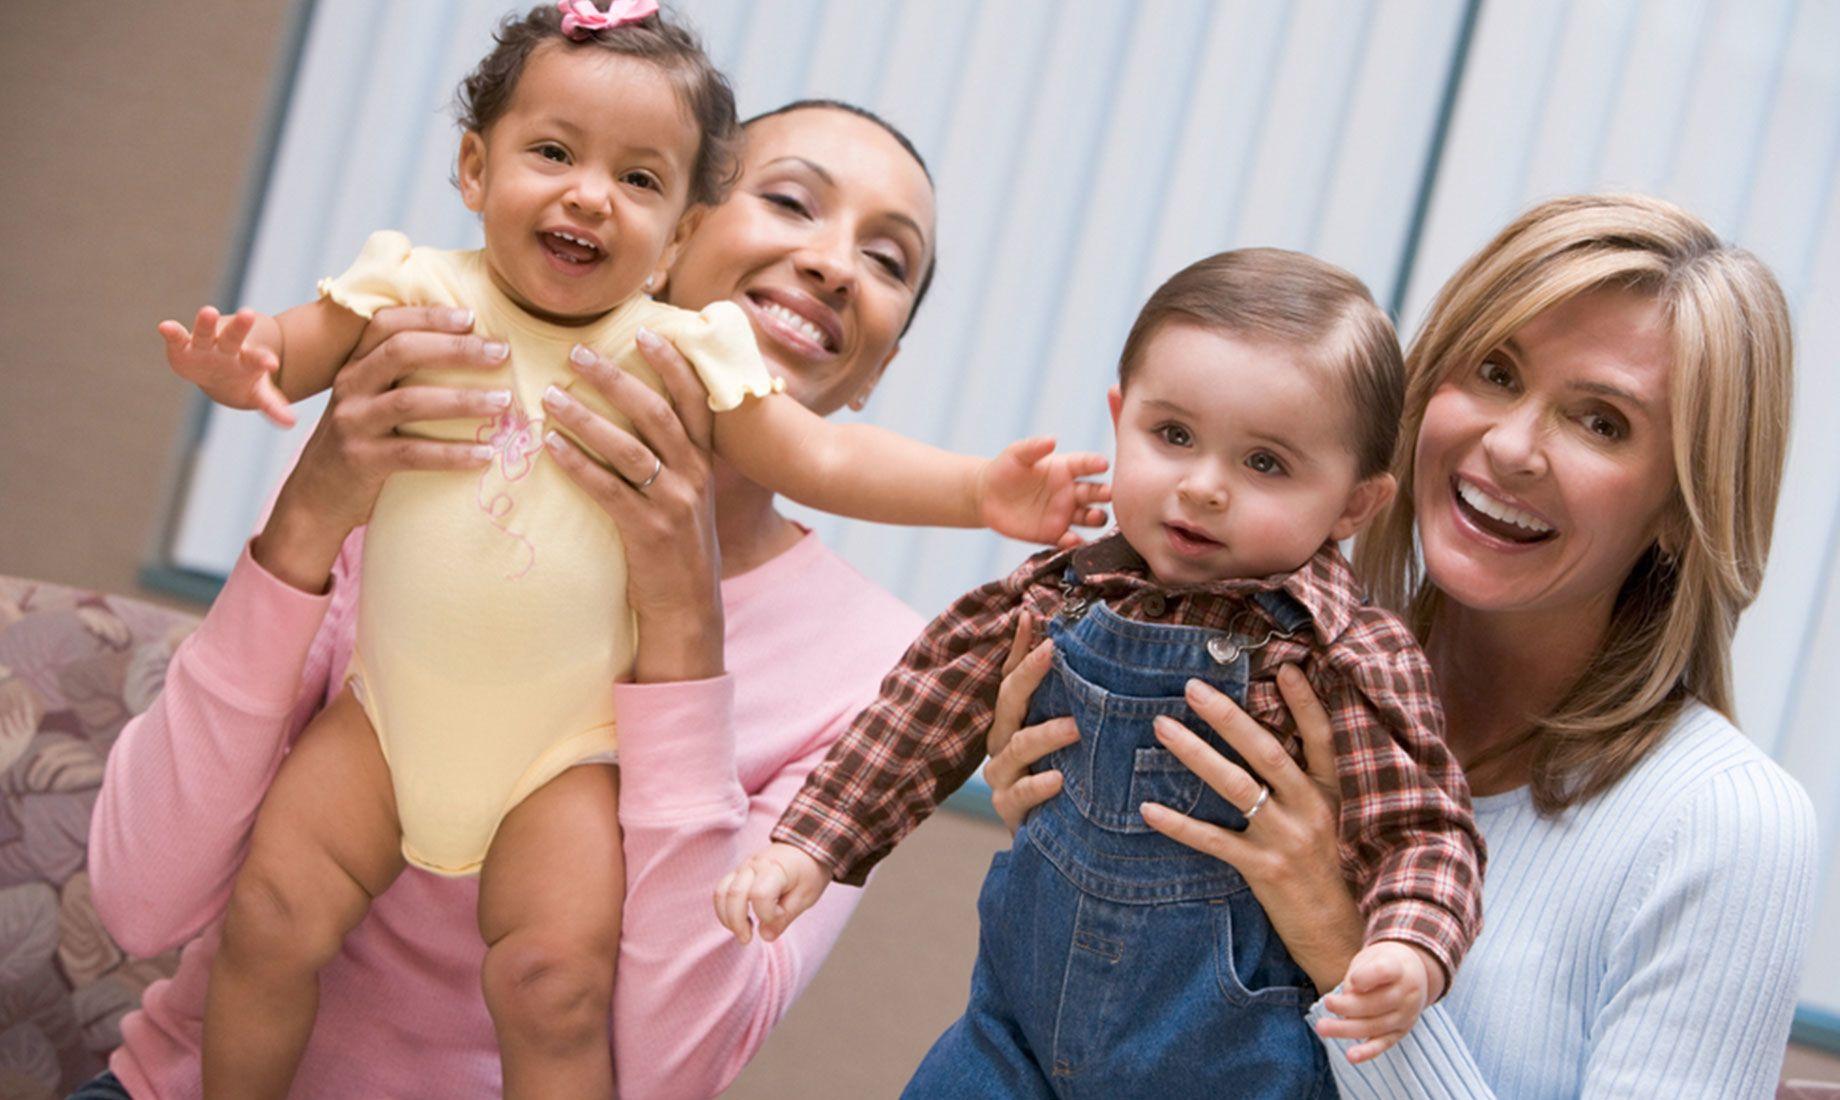 两个幸福的母亲抱着宝宝,IVF成功的案例